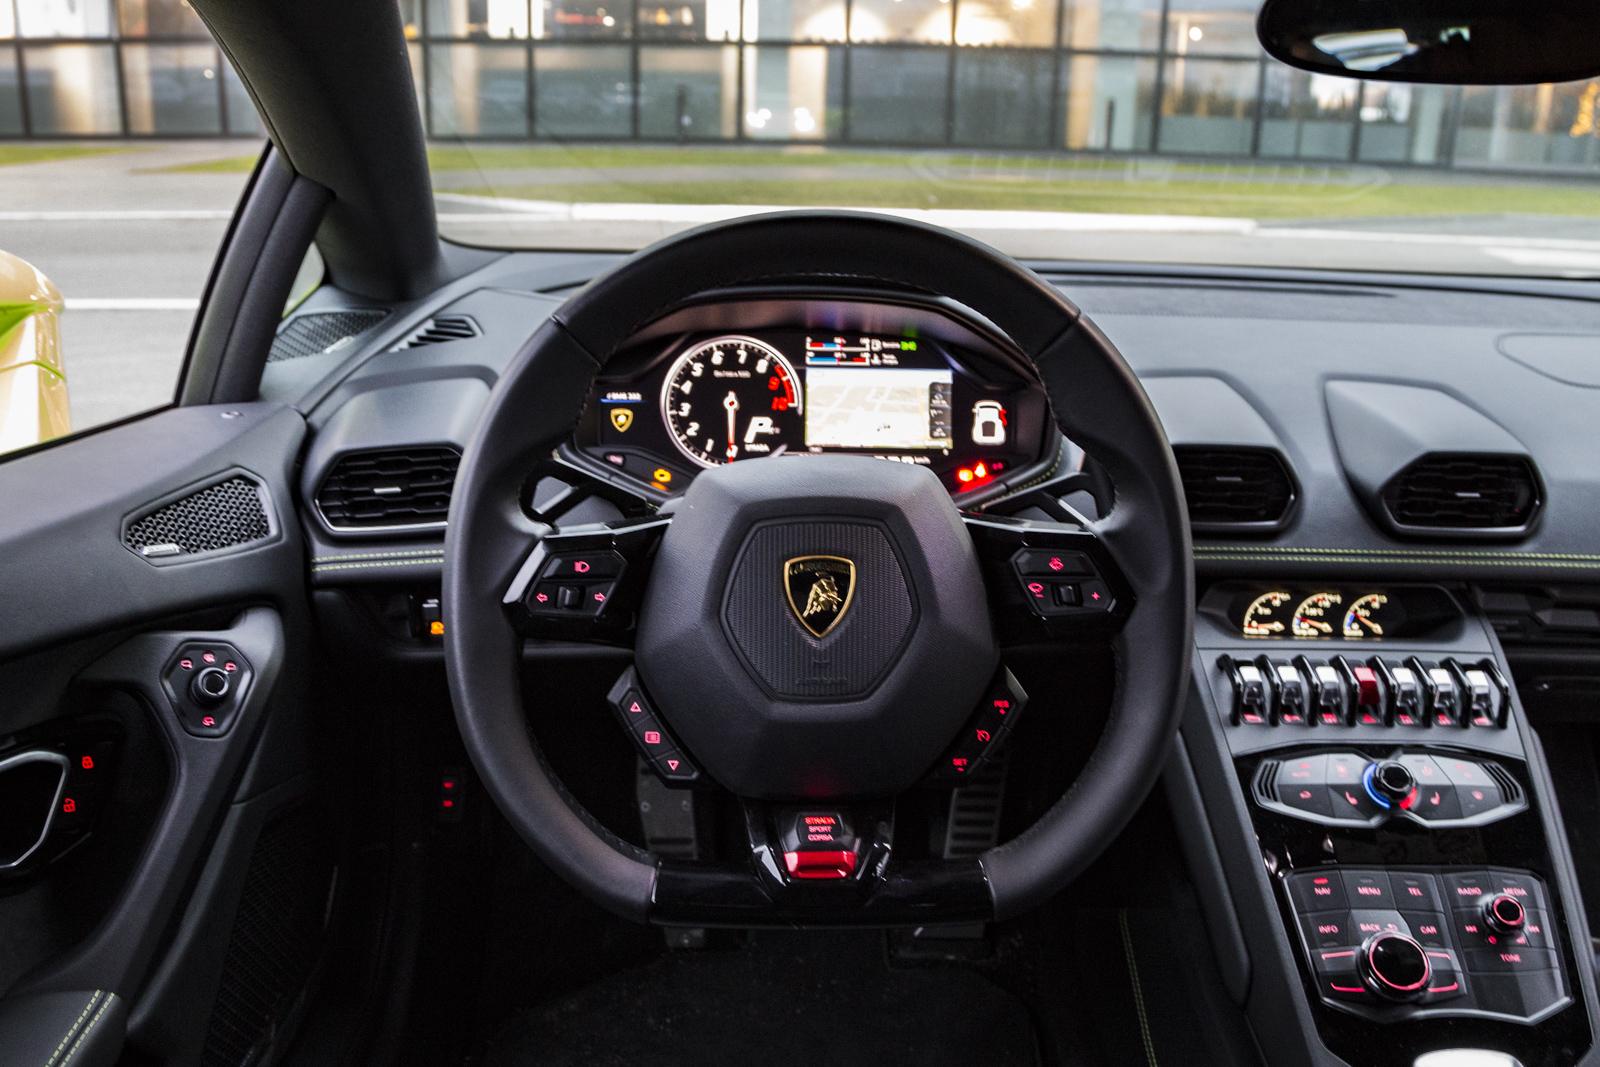 Test_Drive_Lamborghini_Huracan_LP610-4_79